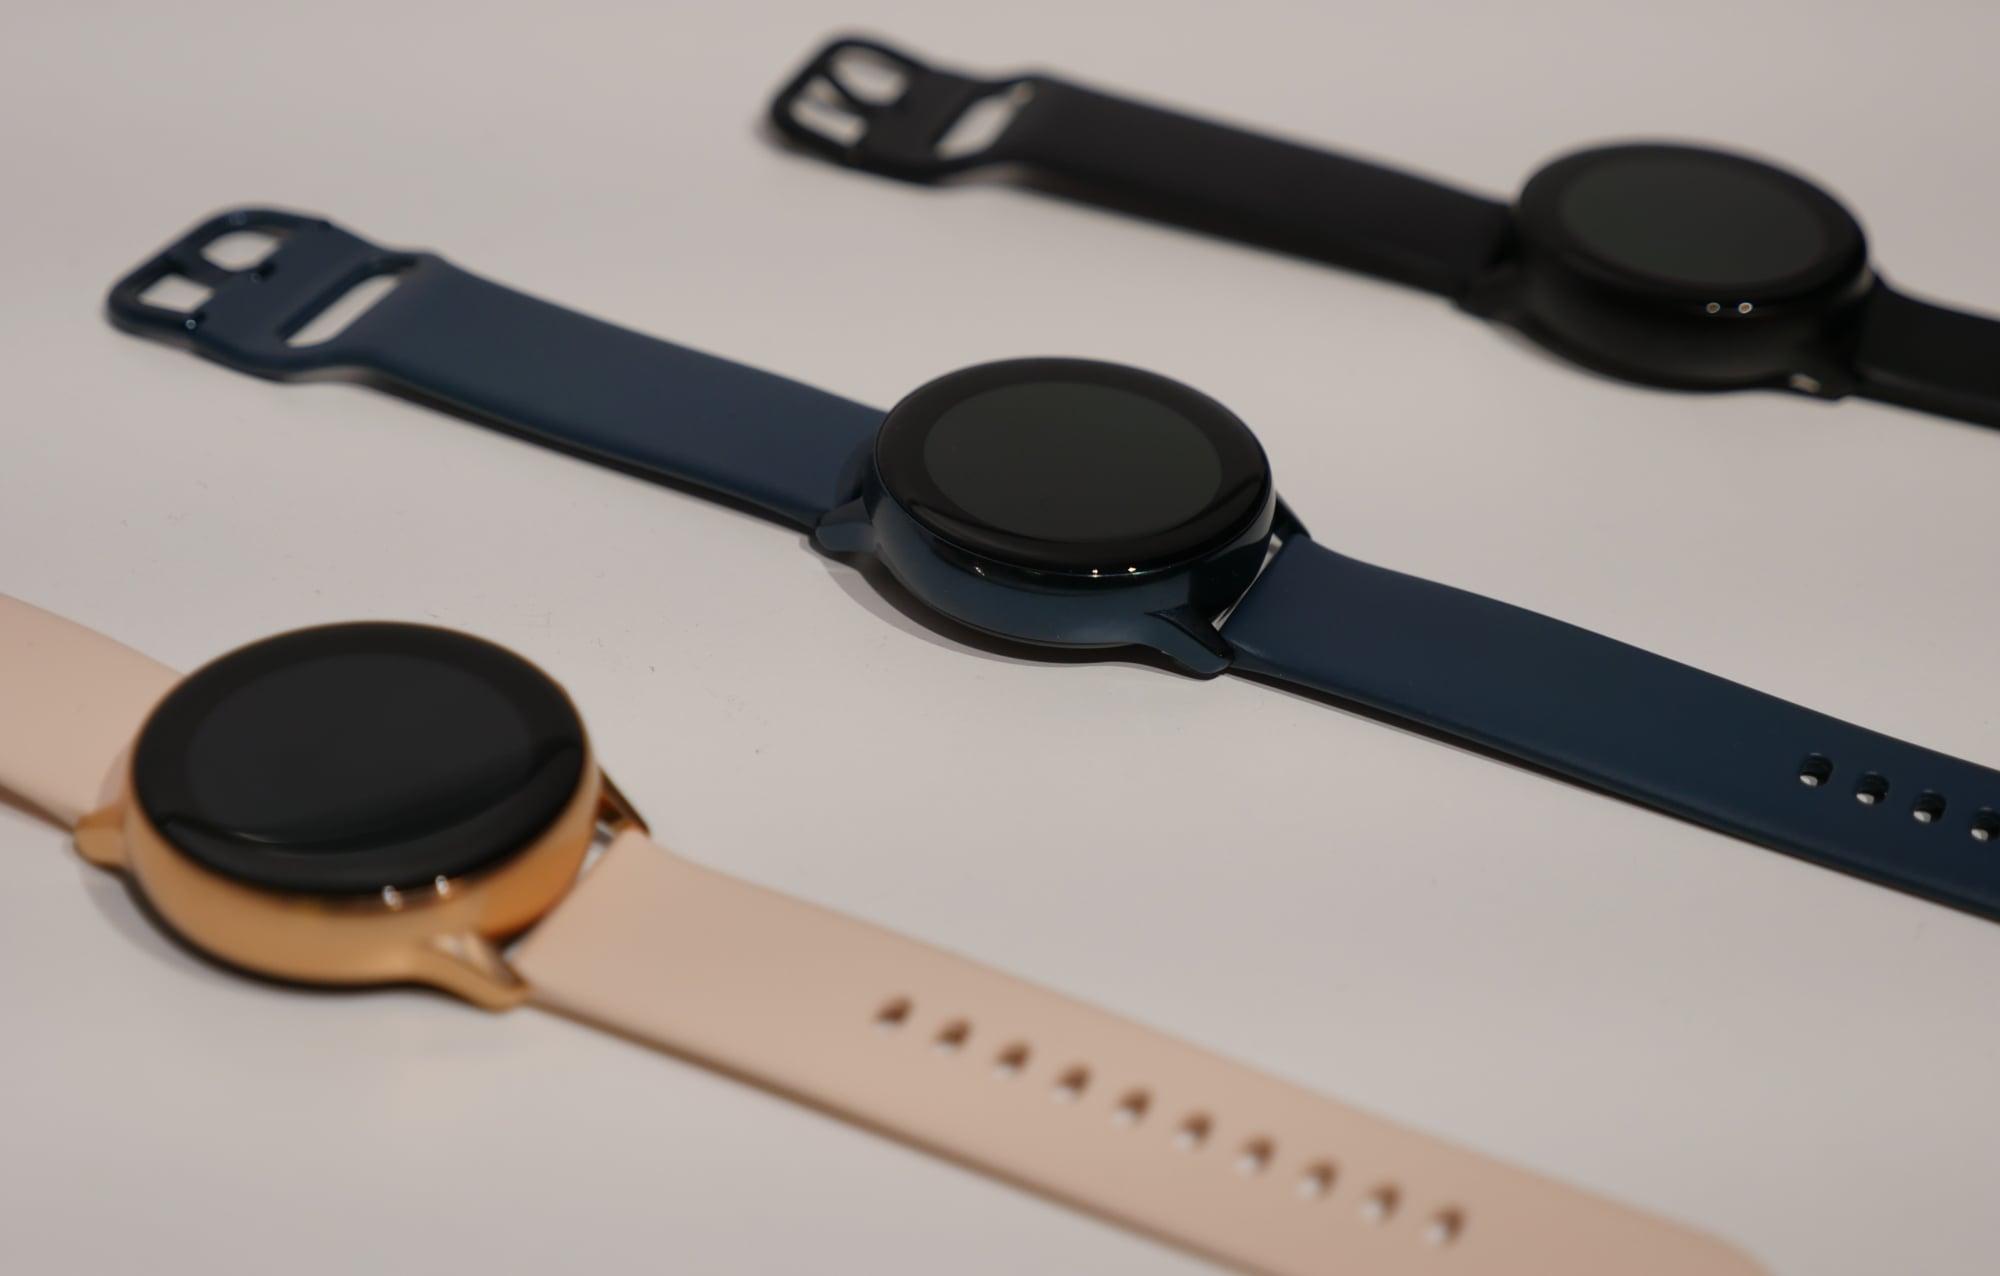 Nowe akcesoria od Samsunga: Galaxy Watch Active, Galaxy Fit, Galaxy Fit E i Galaxy Buds 29